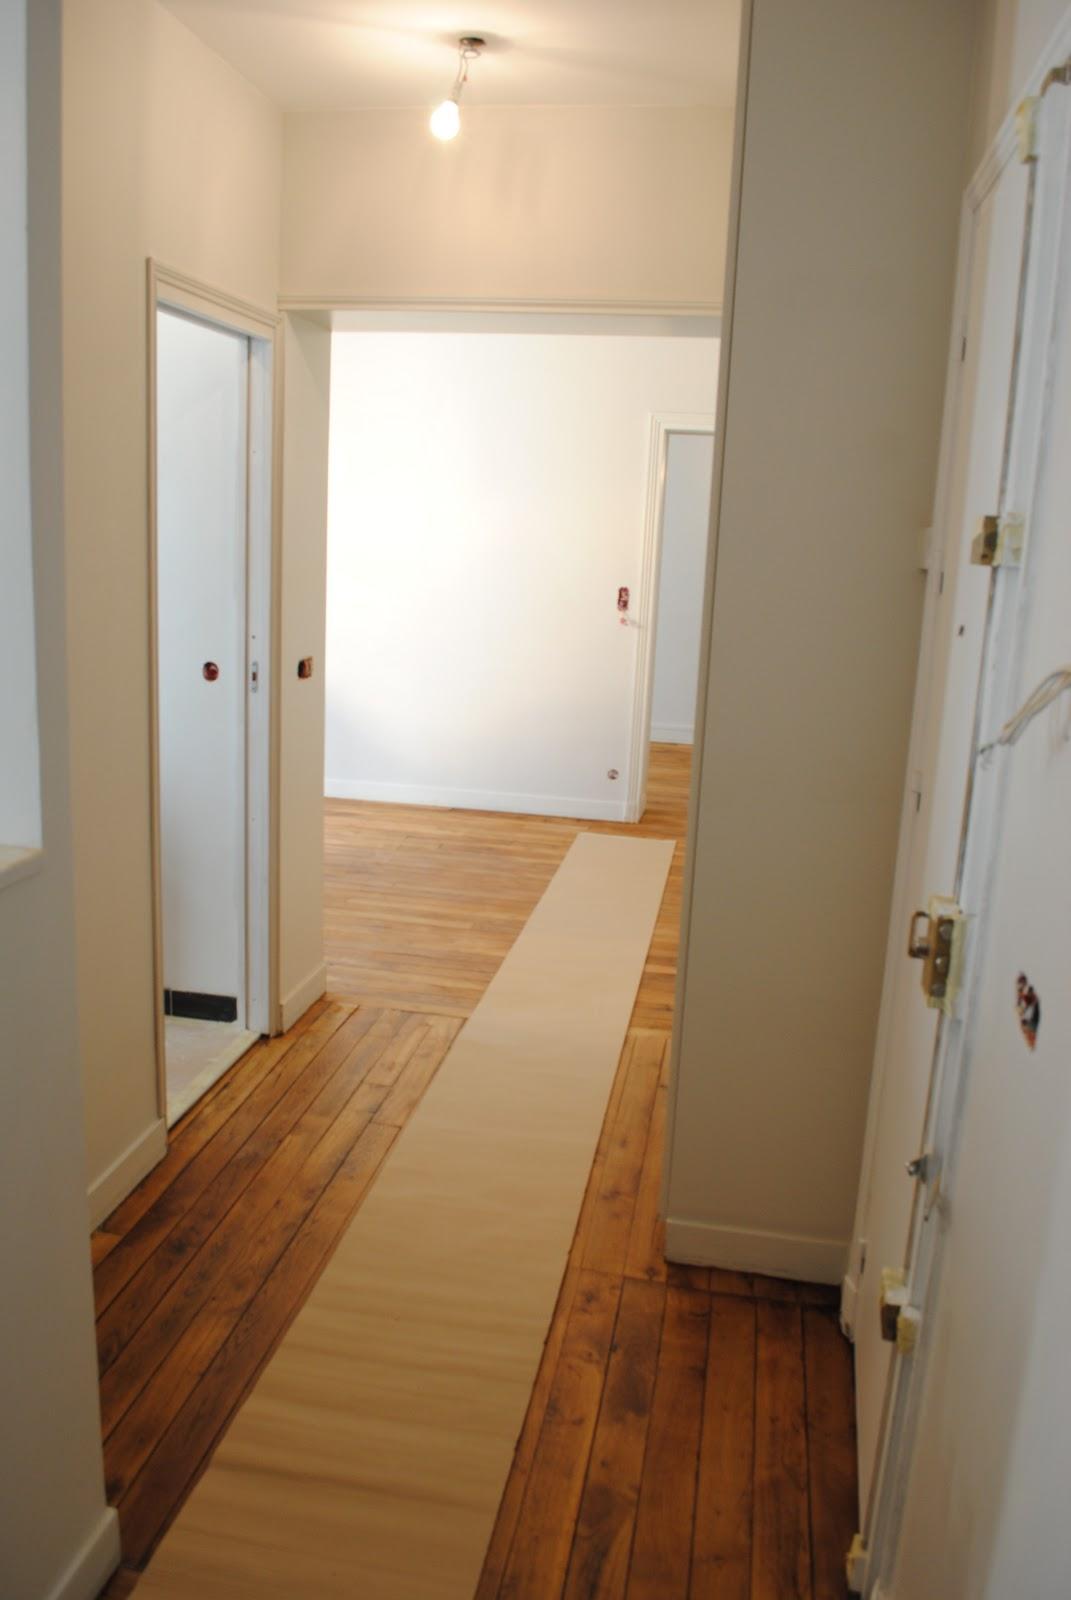 l 39 illusite d 39 emilie zins r novation d 39 appartement avant apr s architecte d 39 int rieur paris. Black Bedroom Furniture Sets. Home Design Ideas